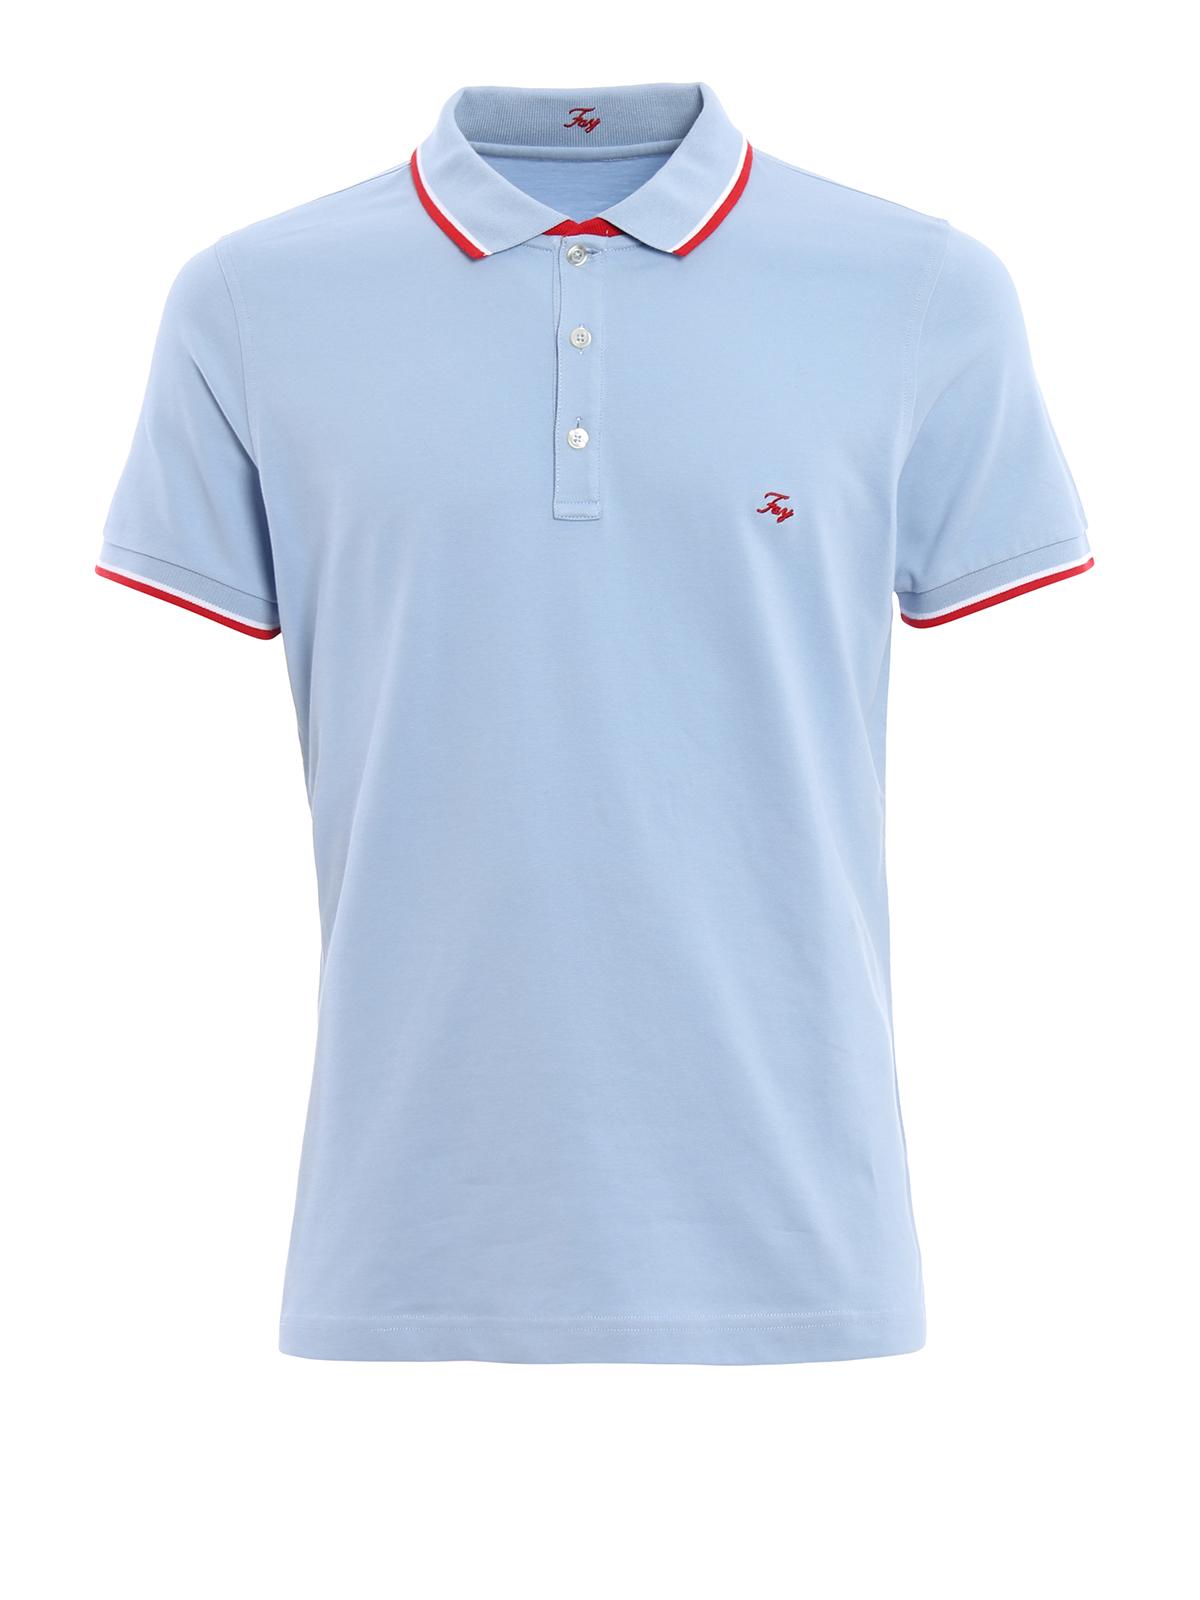 Embroidered logo cotton pique polo by fay polo shirts for Embroidered logos on shirts